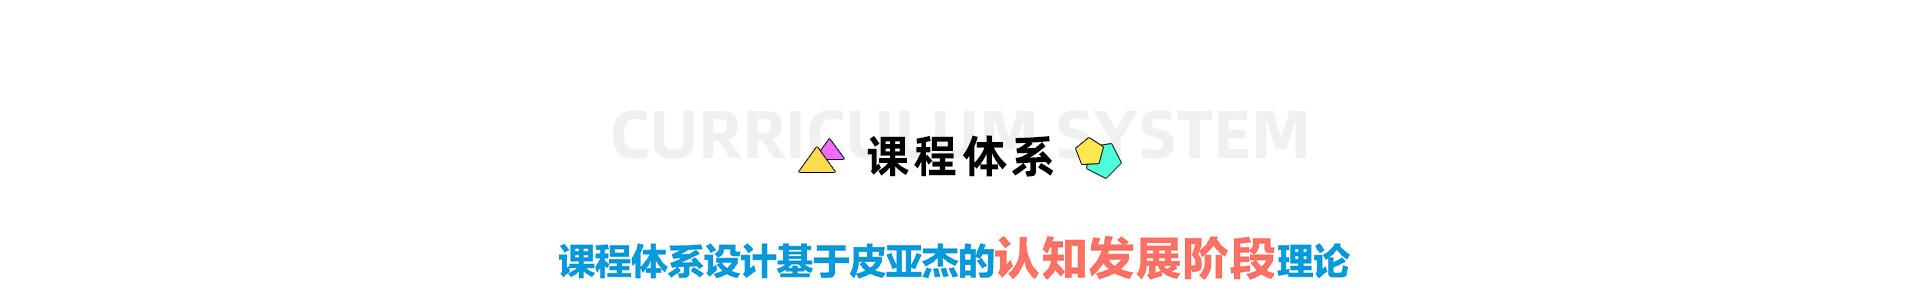 小科熊少儿编程详情_14